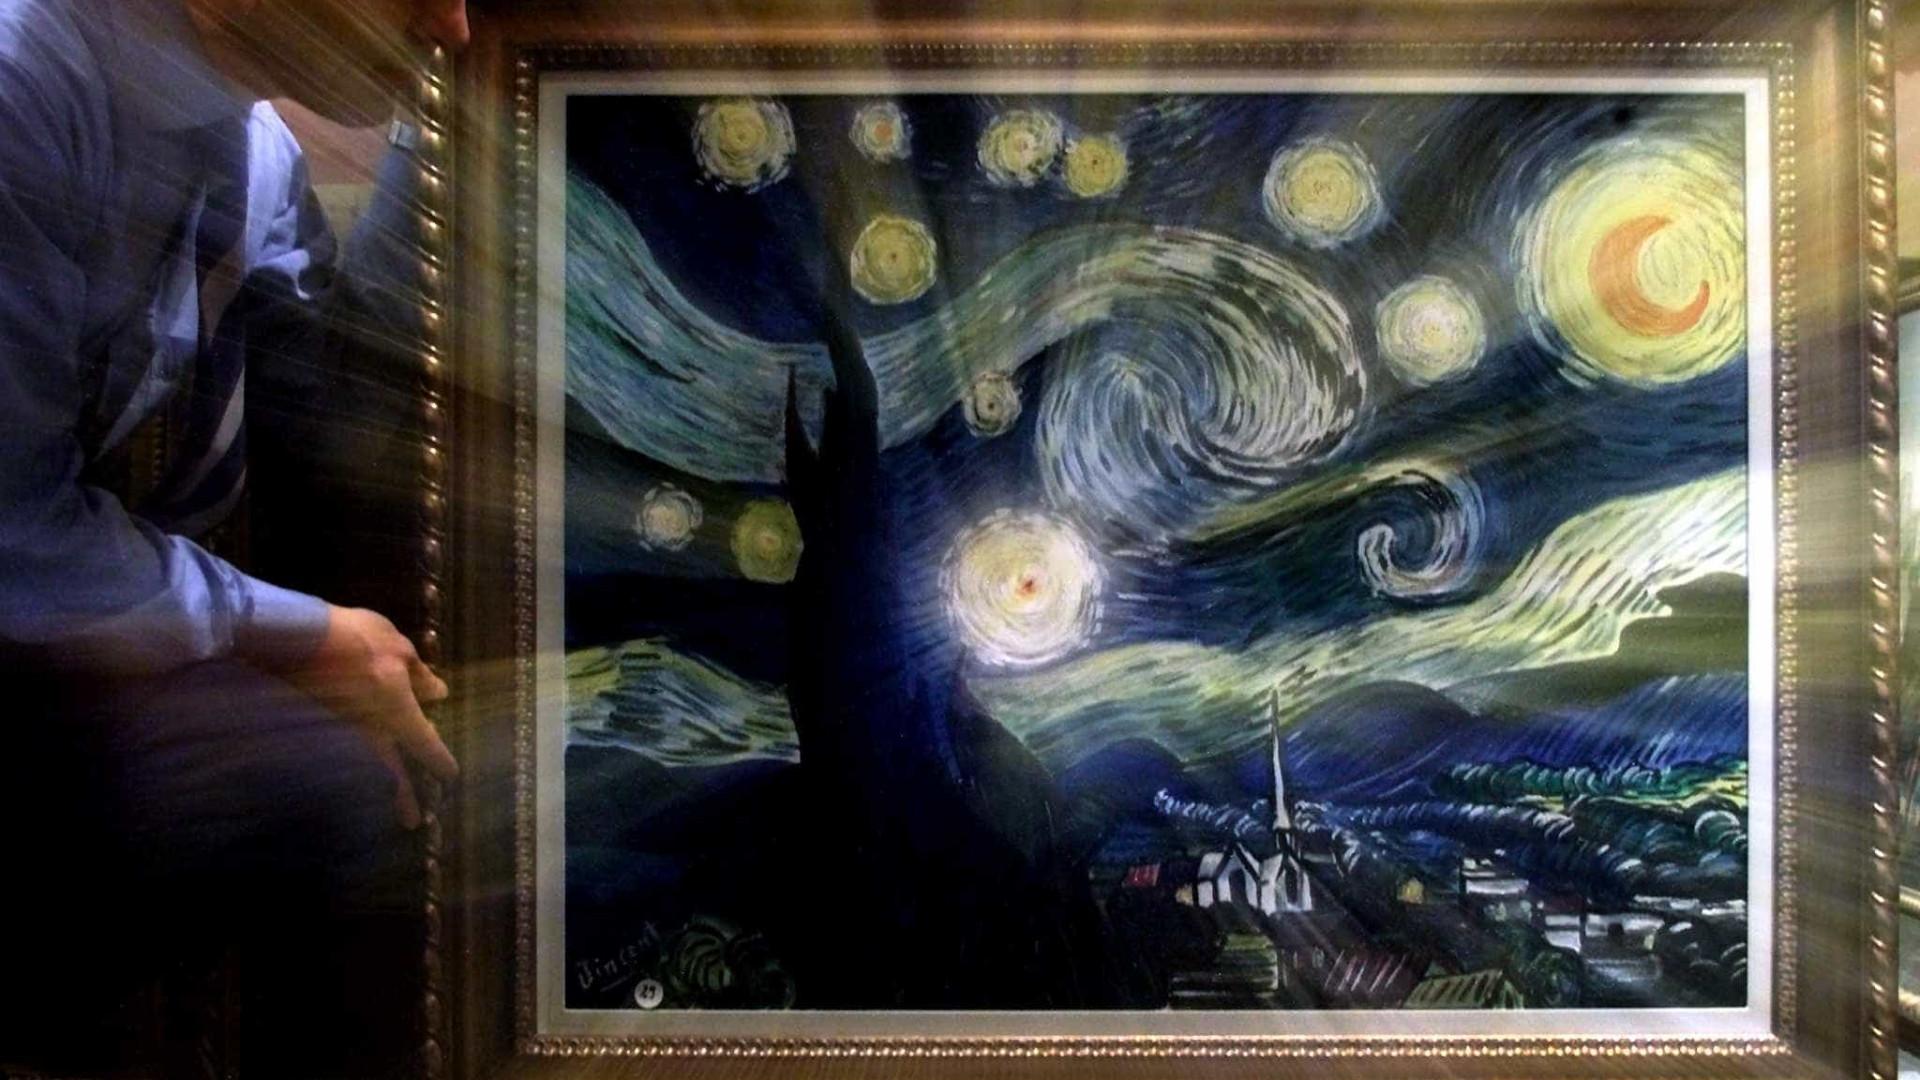 Quadro De Van Gogh E O Mais Visto No Google Art Project